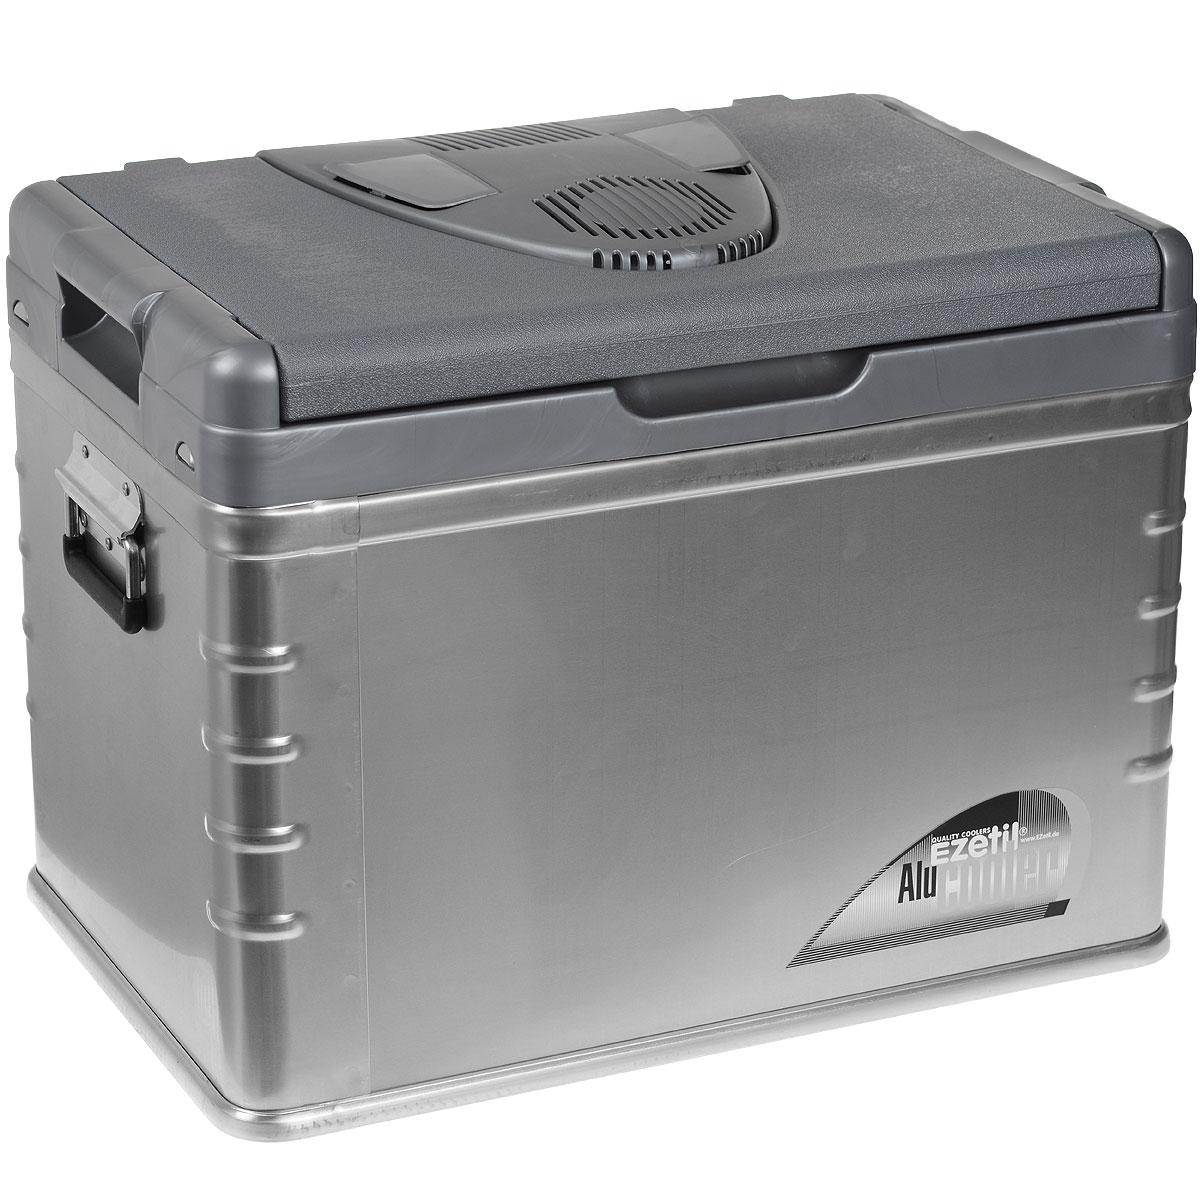 Термоэлектрический контейнер охлаждения Ezetil E45 ALU 12V, 42 л